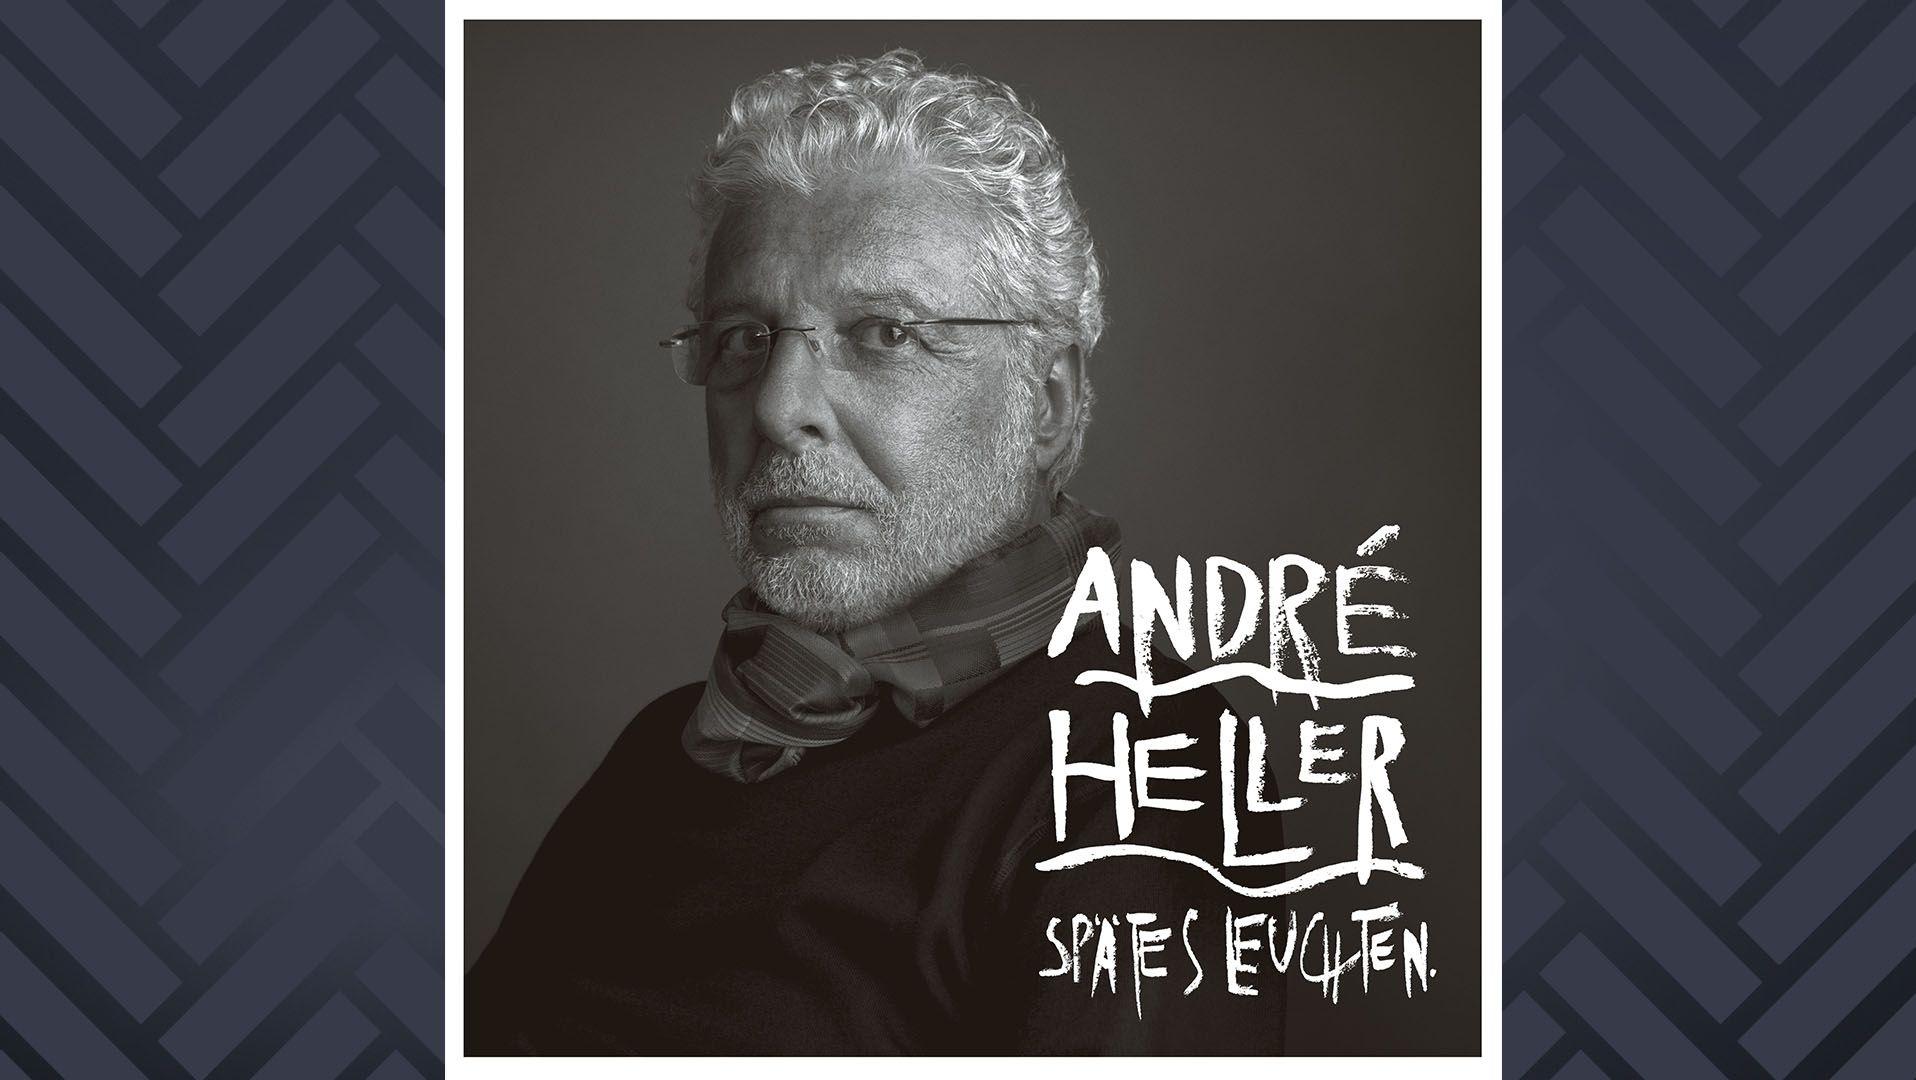 """auf dem schwarz-weißen Cover seines Albums """"Spätes Leuchten"""" ist André Heller im Halbprofil abgebildet"""